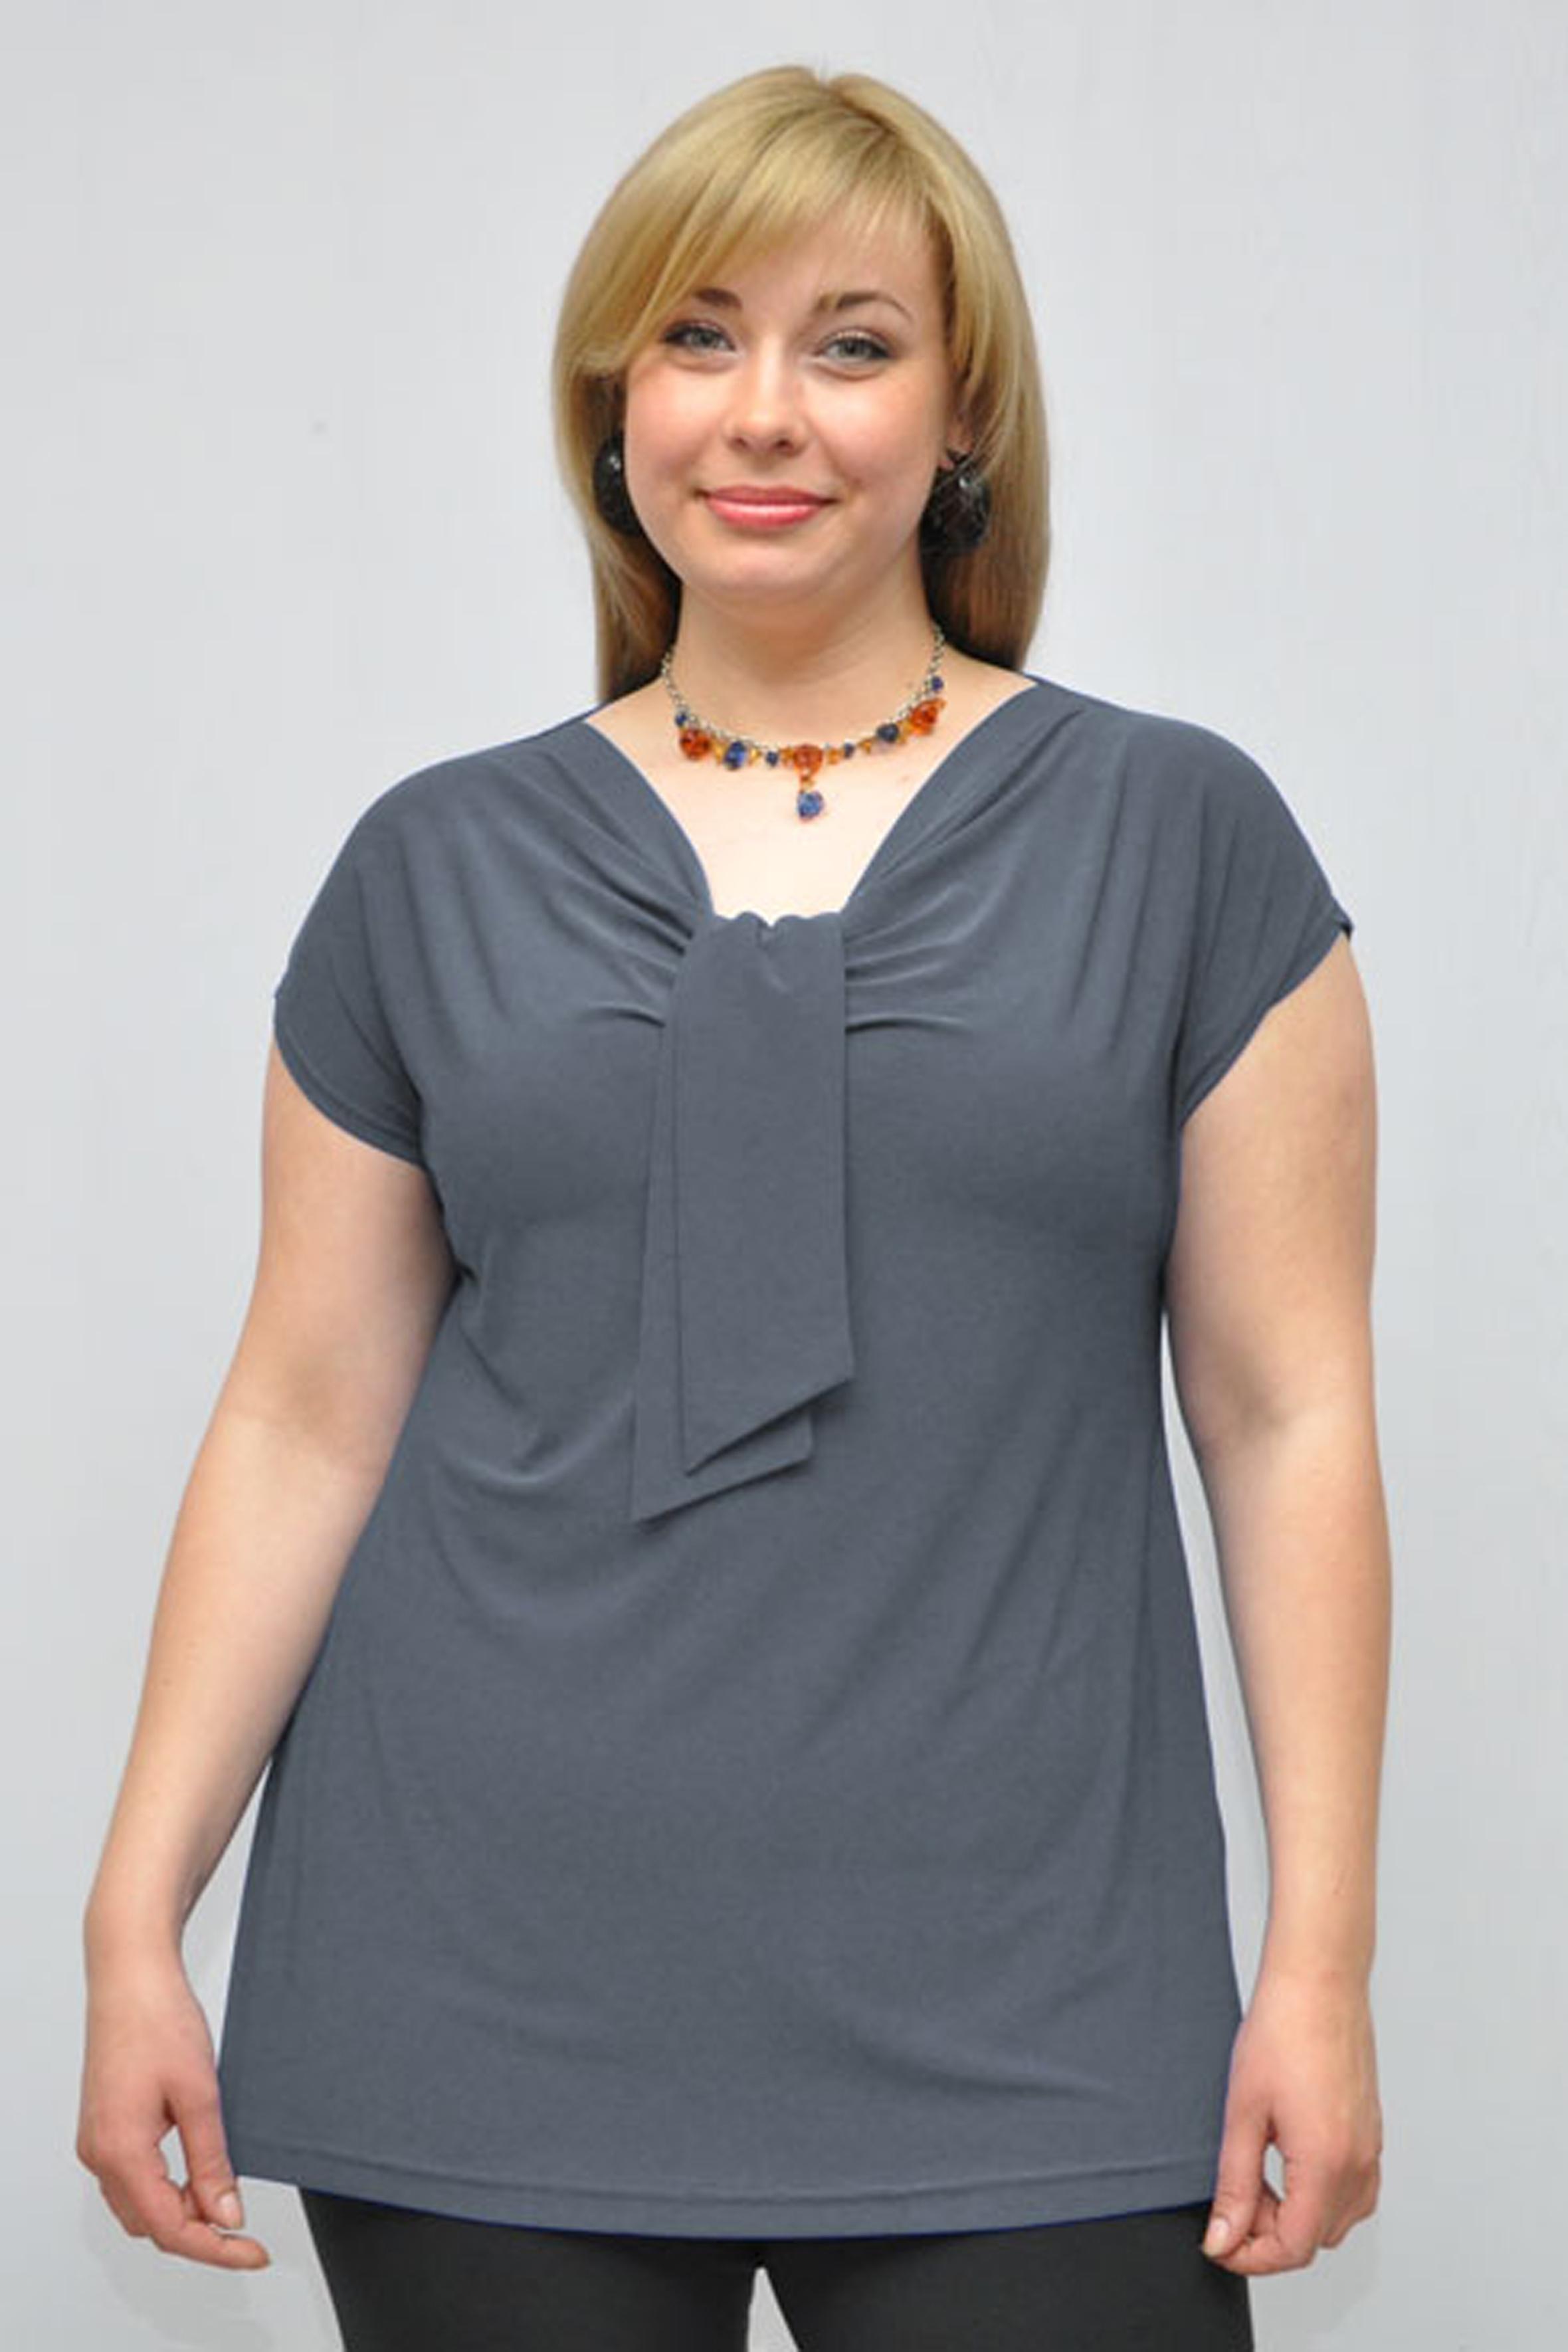 БлузкаБлузки<br>Однотонная женская блузка полуприталенного силуэта с декоративным элементом на груди. Модель выполнена из приятного трикотажа. Отличный выбор для любого случая.  Цвет: серый  Рост девушки-фотомодели 176 см<br><br>Горловина: V- горловина<br>По материалу: Вискоза,Трикотаж<br>По рисунку: Однотонные<br>По сезону: Весна,Зима,Лето,Осень,Всесезон<br>По силуэту: Полуприталенные<br>По стилю: Офисный стиль,Повседневный стиль<br>По элементам: С декором,Со складками<br>Рукав: Короткий рукав<br>Размер : 52-54<br>Материал: Холодное масло<br>Количество в наличии: 1